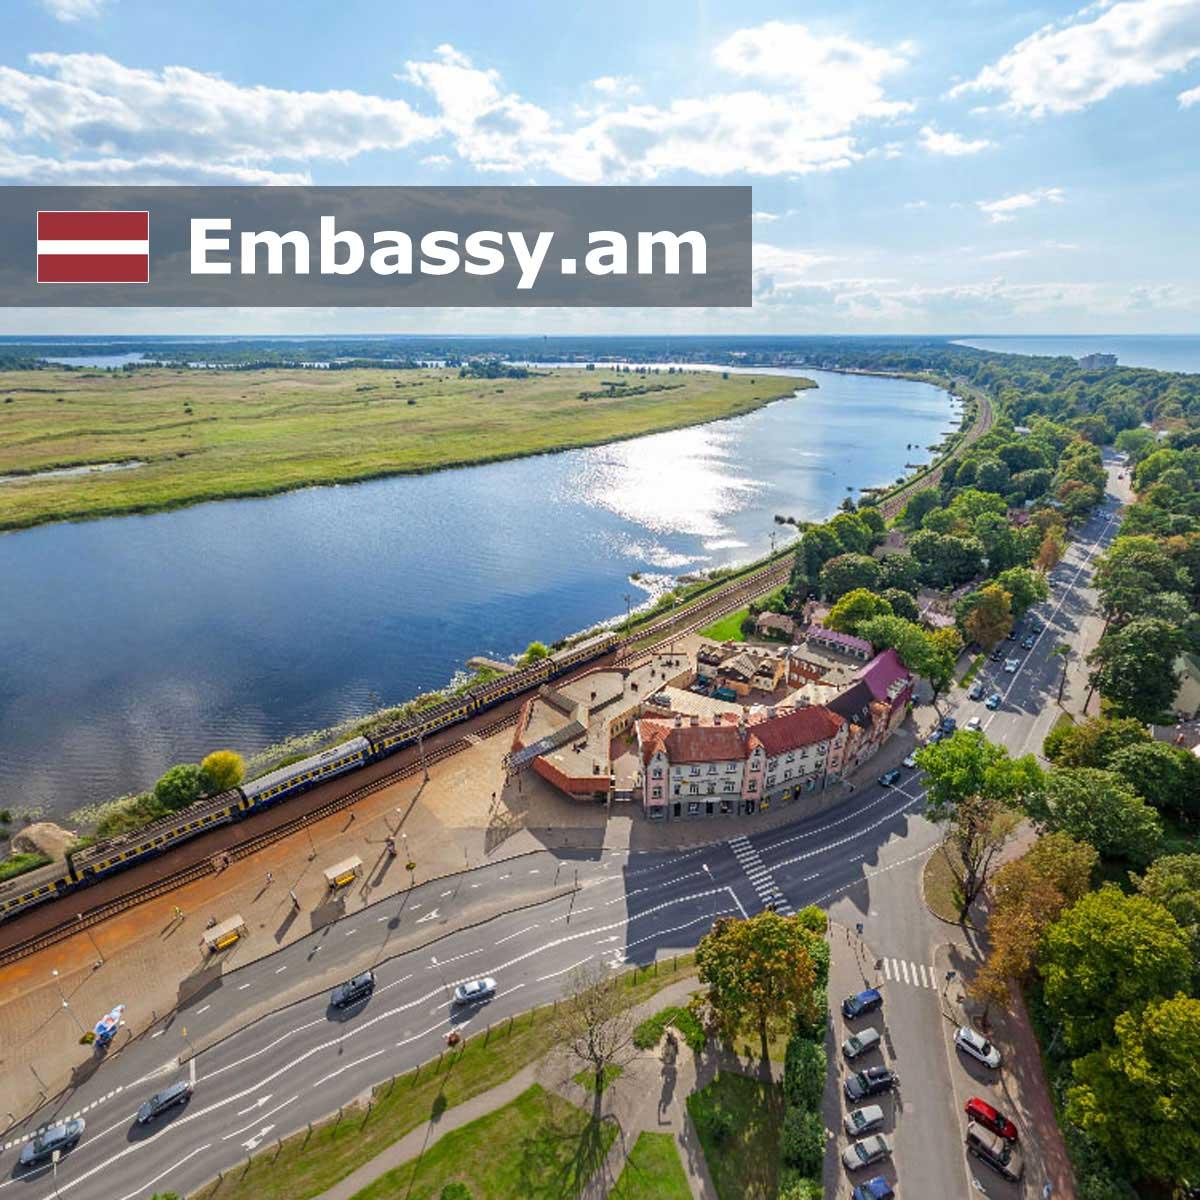 Юрмала - Отели в Латвии - Embassy.am